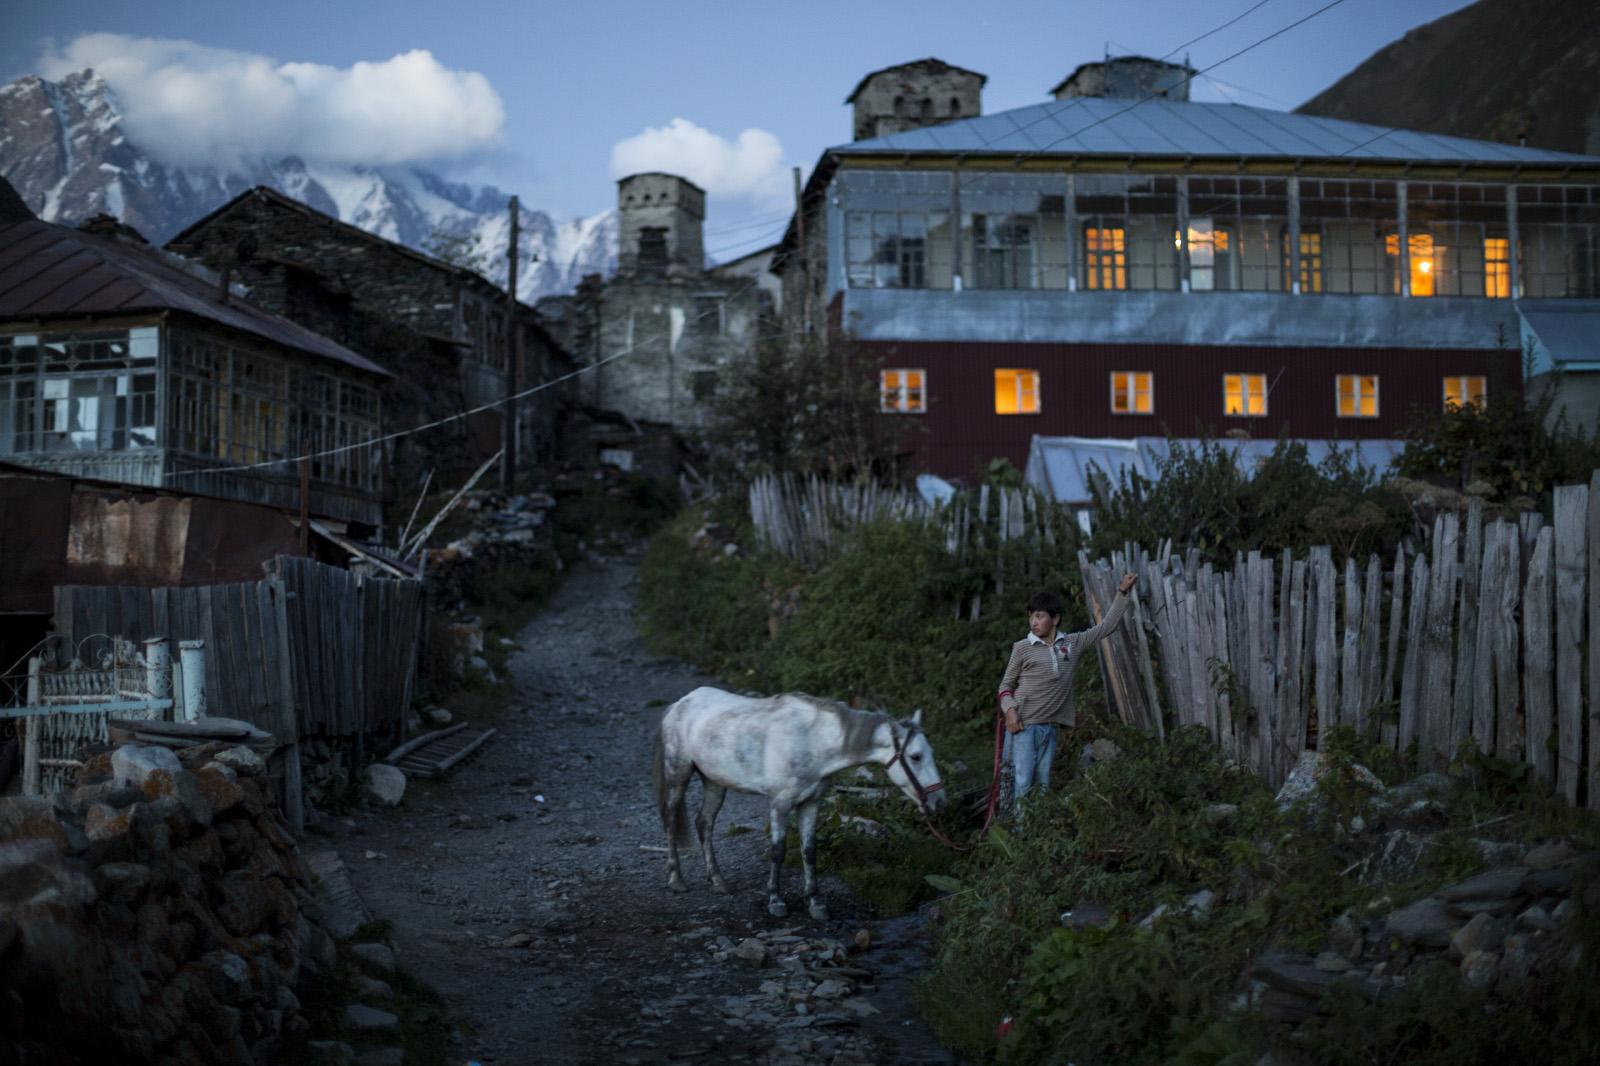 Ushguli village, Svanetia, Georgia.